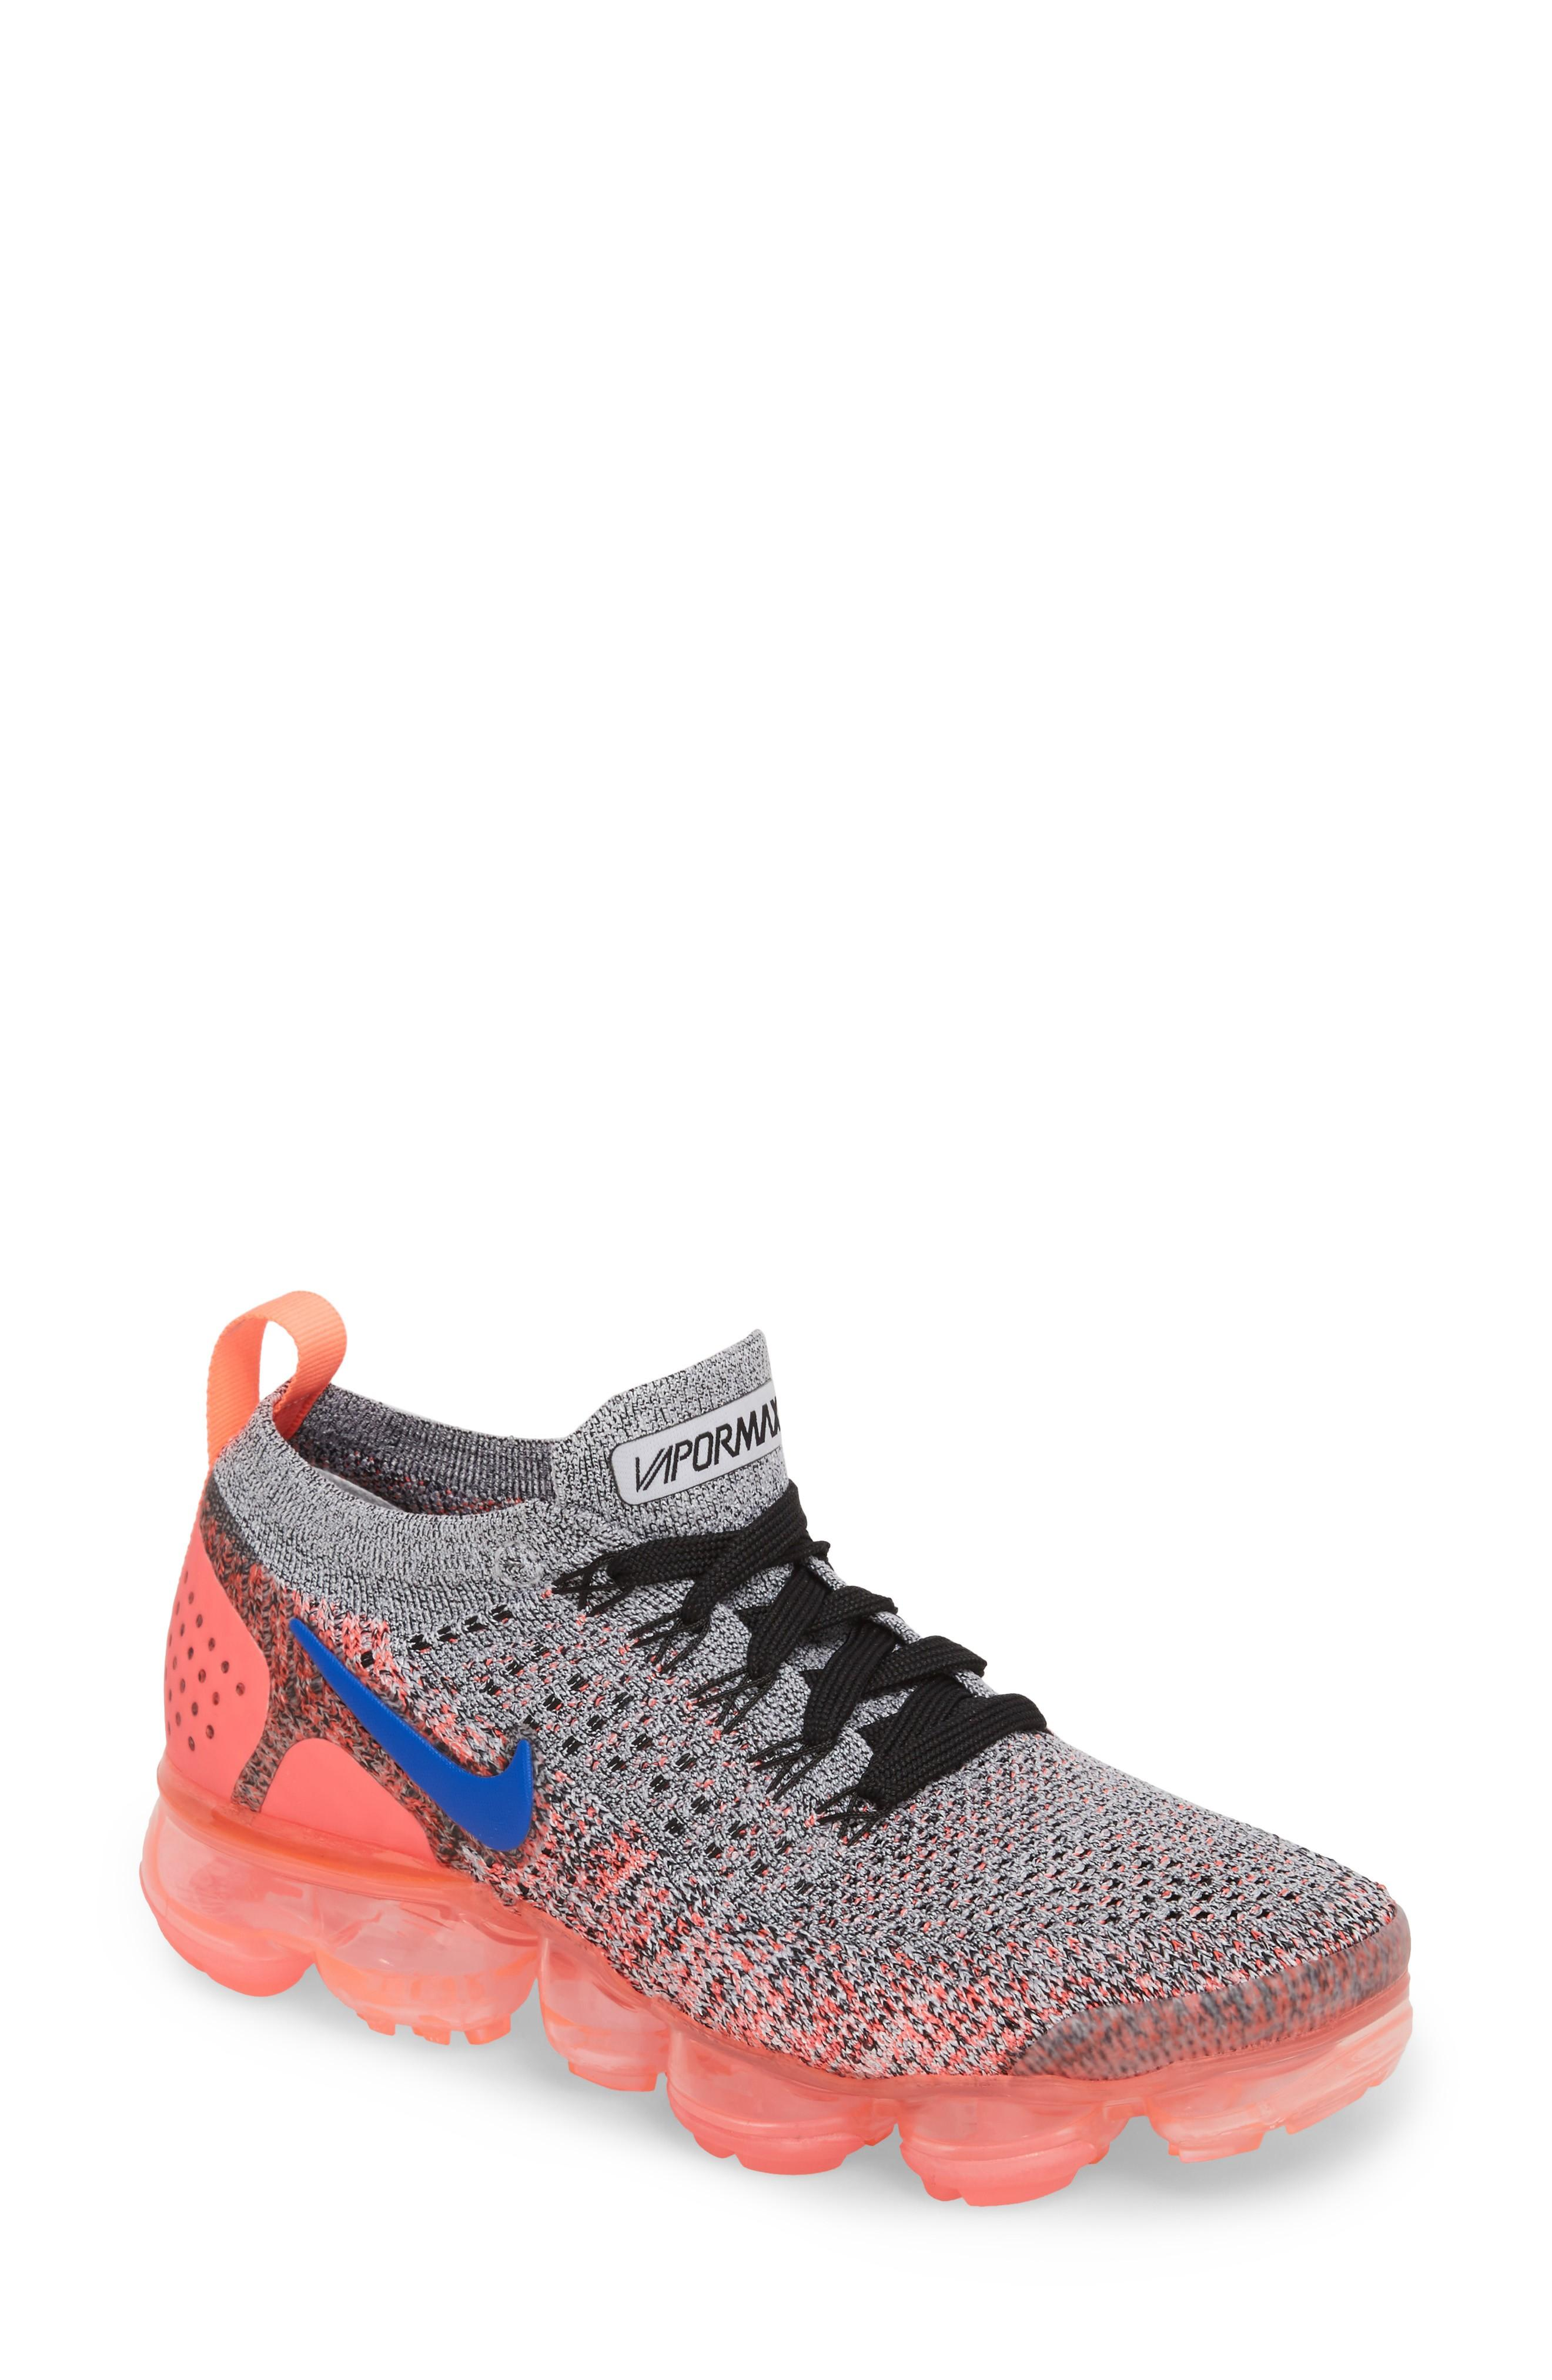 b8f99e999715b Nike Air Vapormax Flyknit 2 Running Shoe In Hot Punch